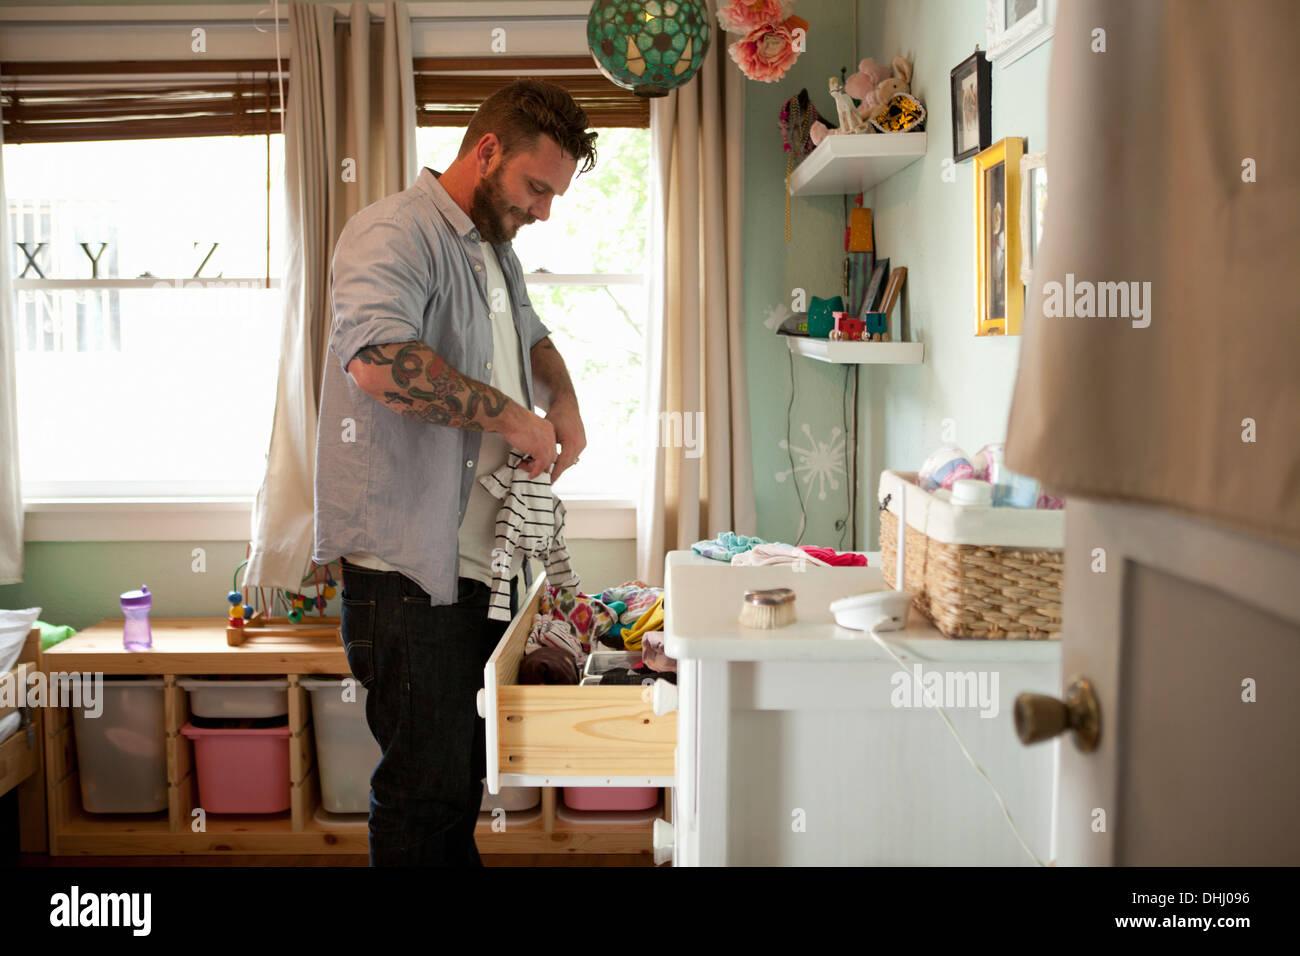 Padre poniendo lejos del niño Servicio de lavandería Imagen De Stock